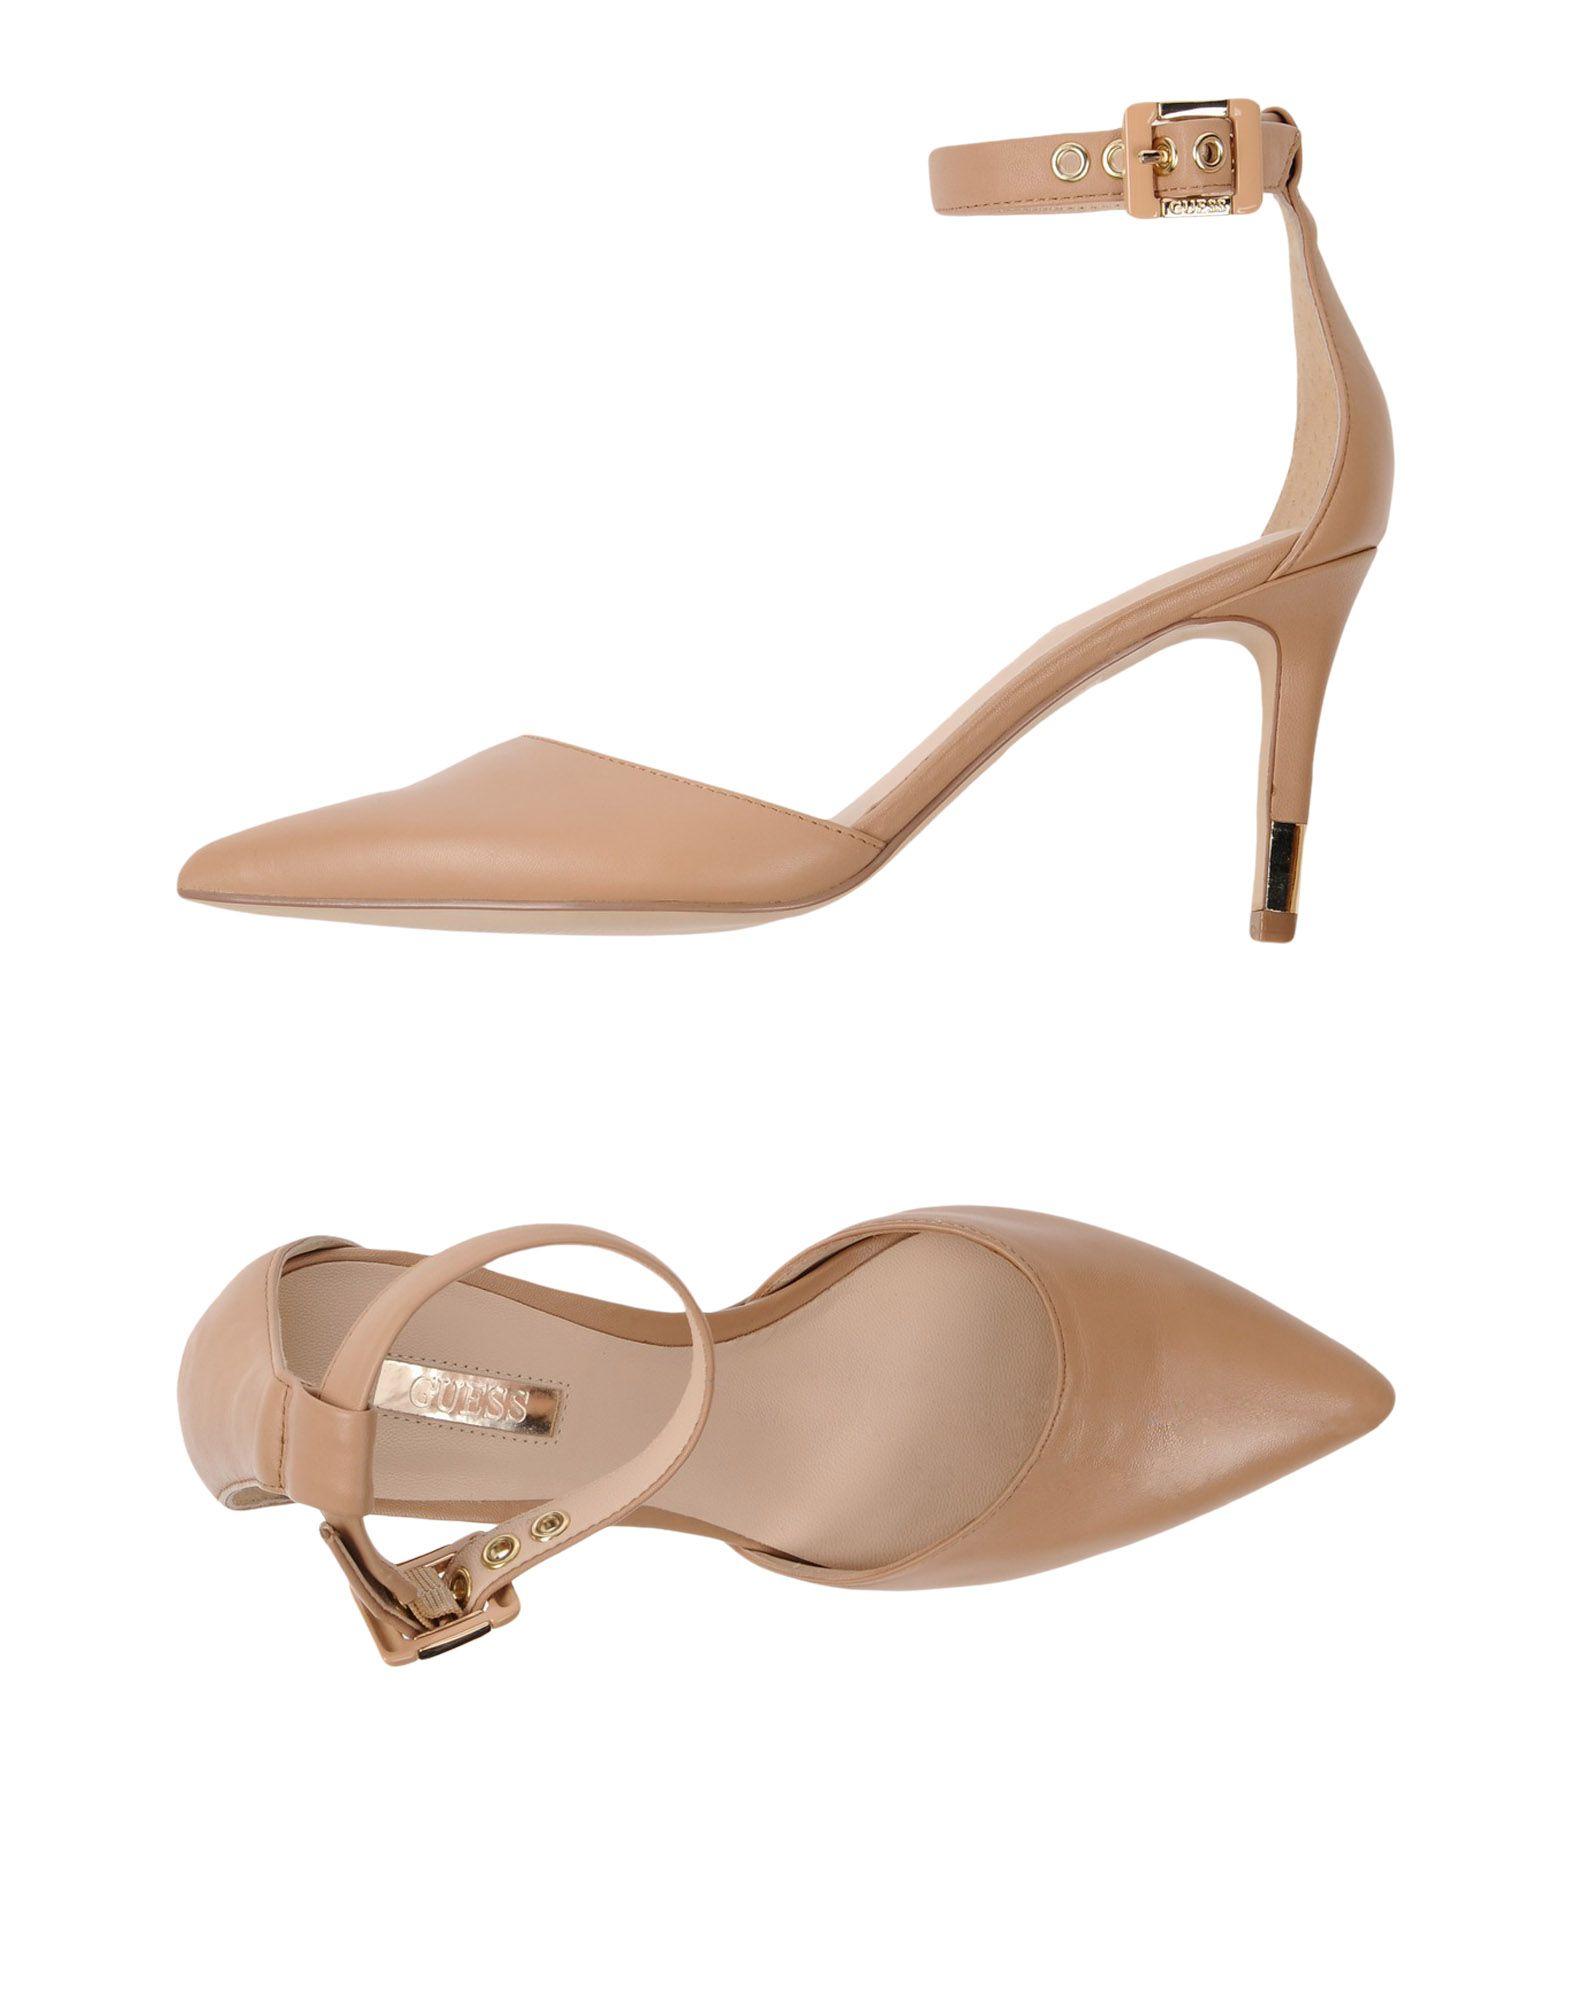 Guess Pumps Pumps Guess Damen 11438746FC Gute Qualität beliebte Schuhe b7f1a0